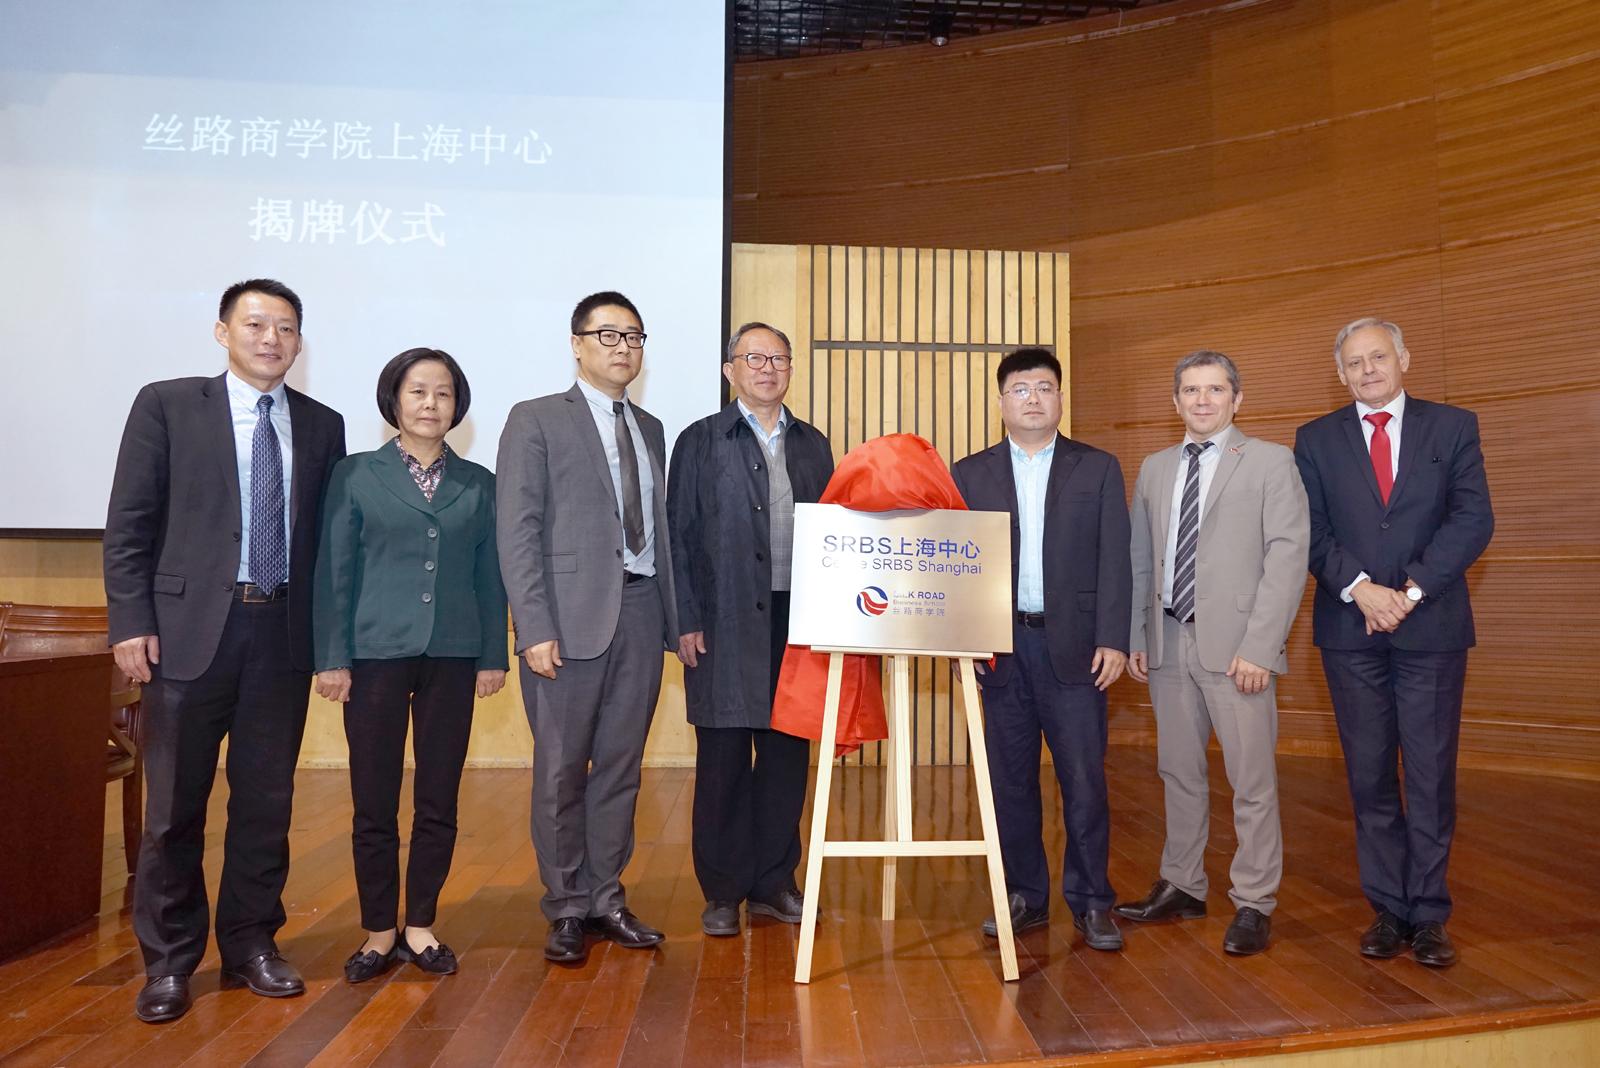 丝路商学院上海中心主任王晨光及丝路商学院继续教育院长Stephane Saj为丝路商学院上海中心揭牌